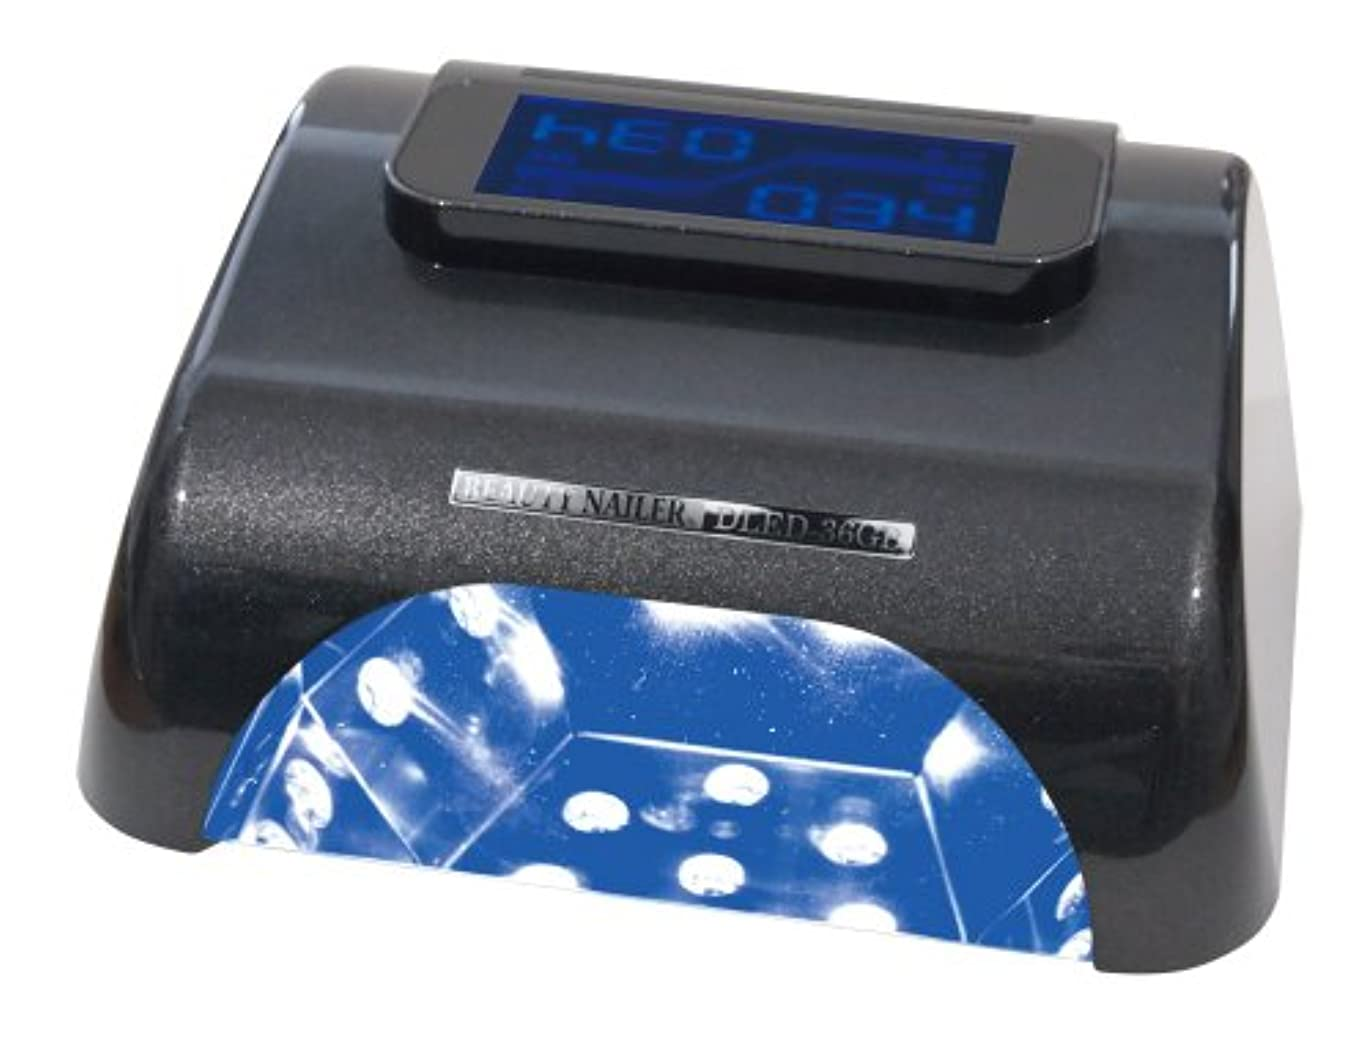 アジャおとなしい本質的ではないビューティーネイラー デジタルLEDライト DLED-36GB パールブラック